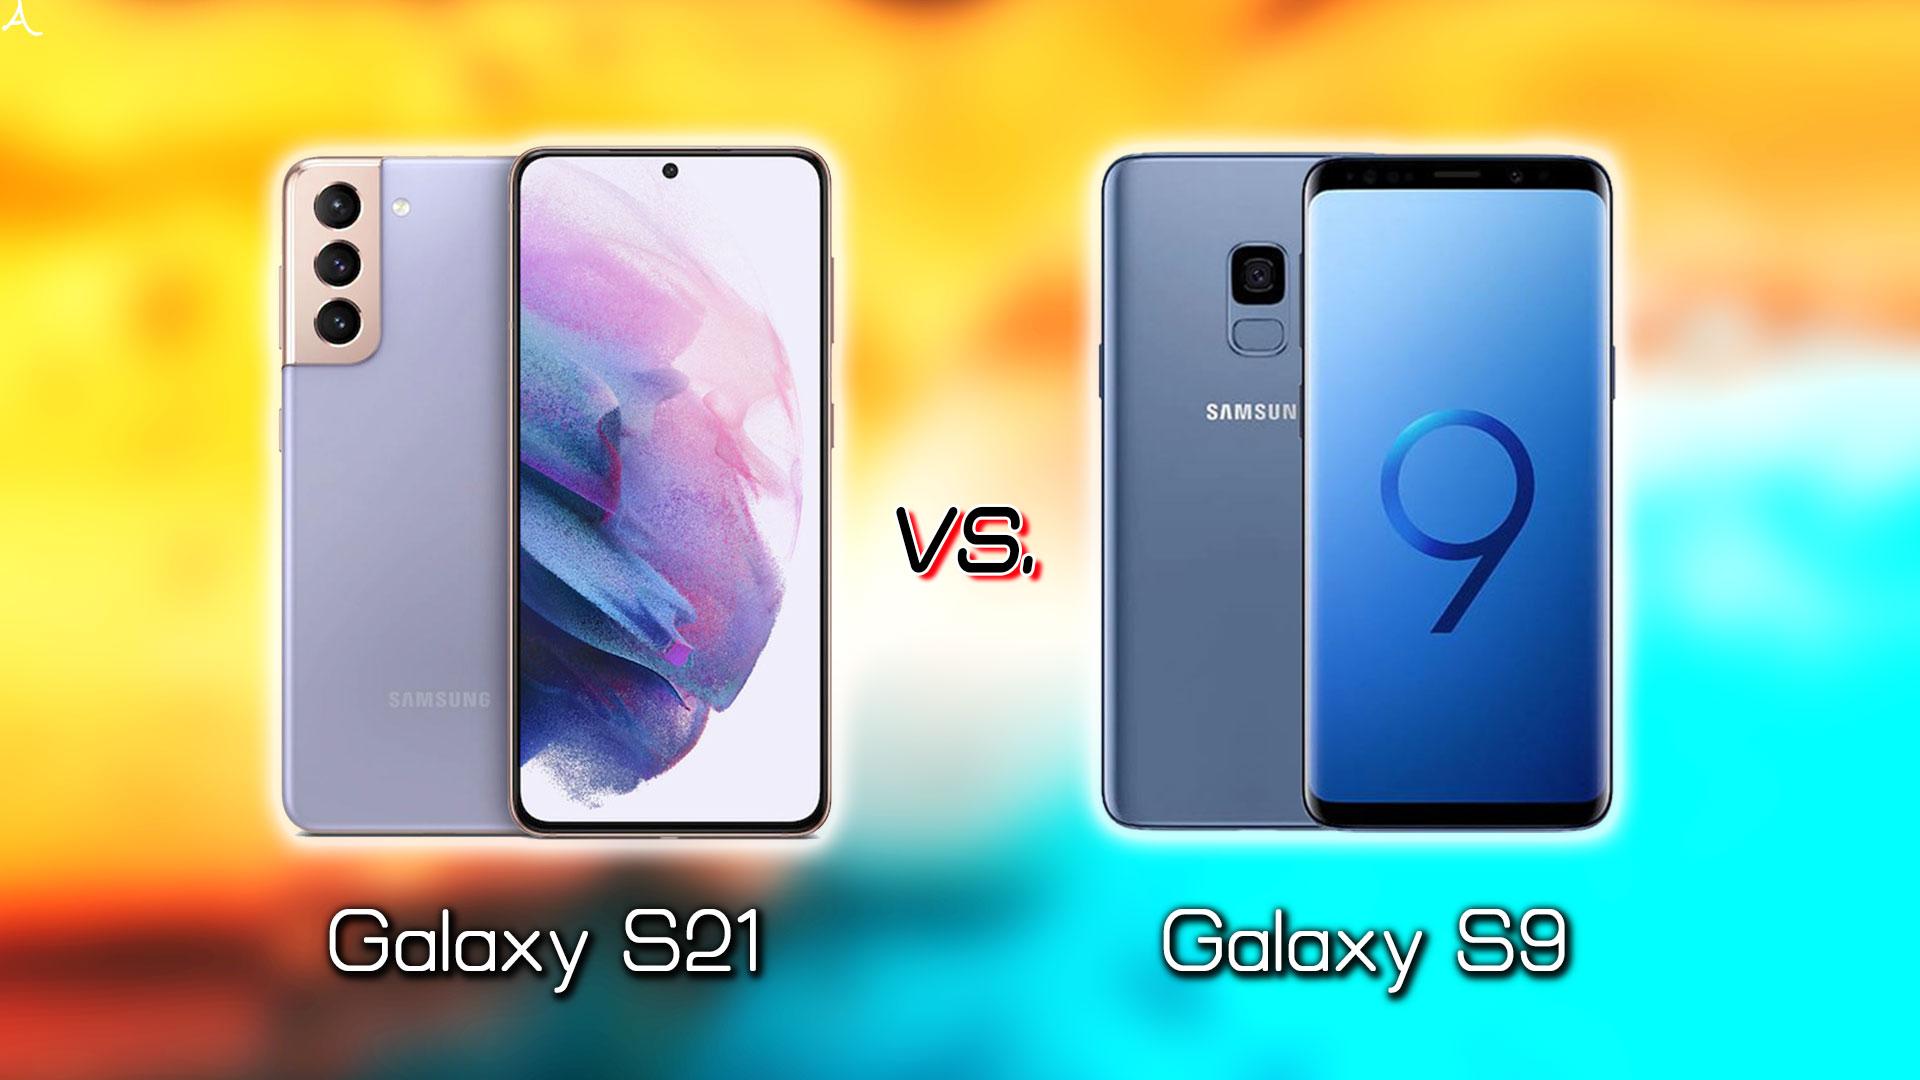 「Galaxy S21」と「Galaxy S9」の違いを比較:どっちを買う?